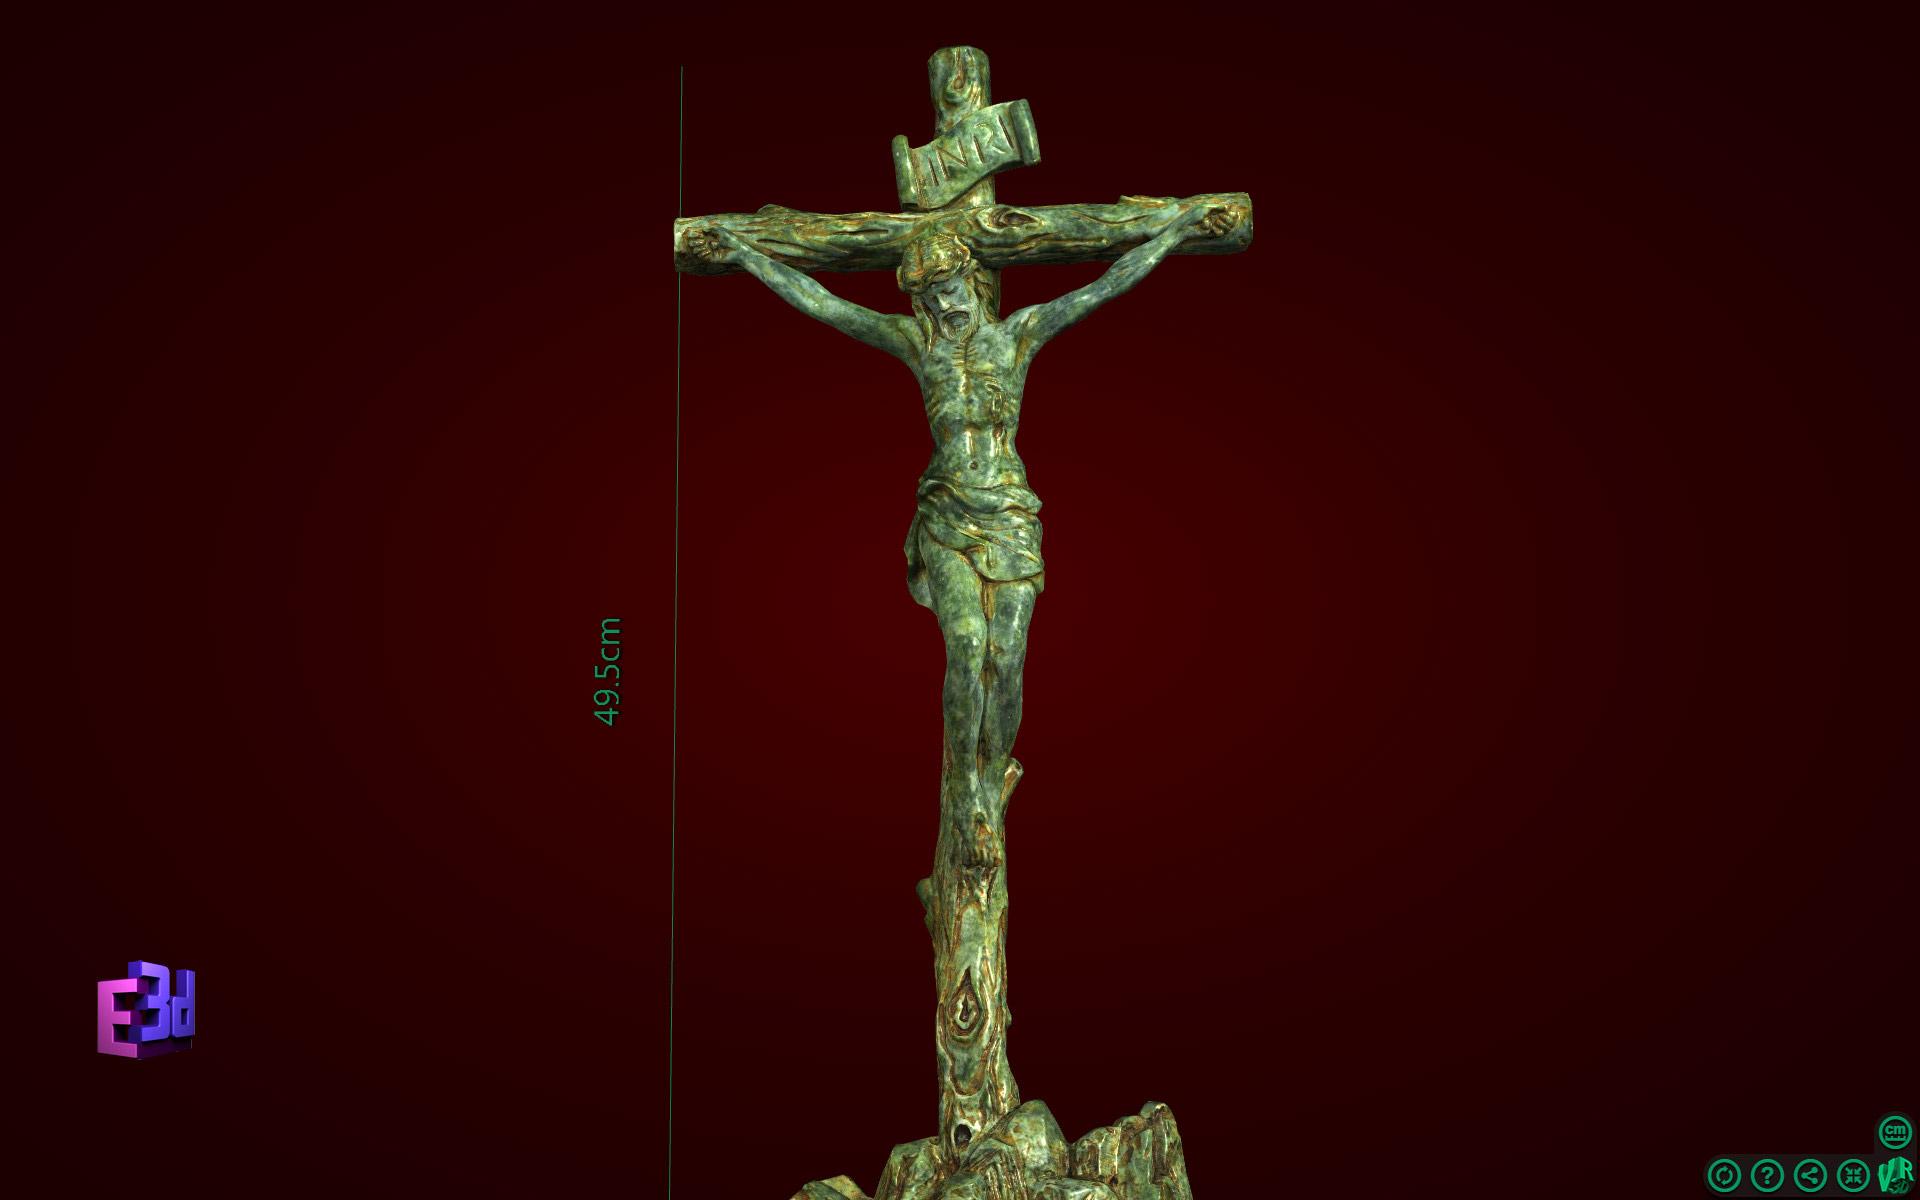 Thánh giá gốc cây to